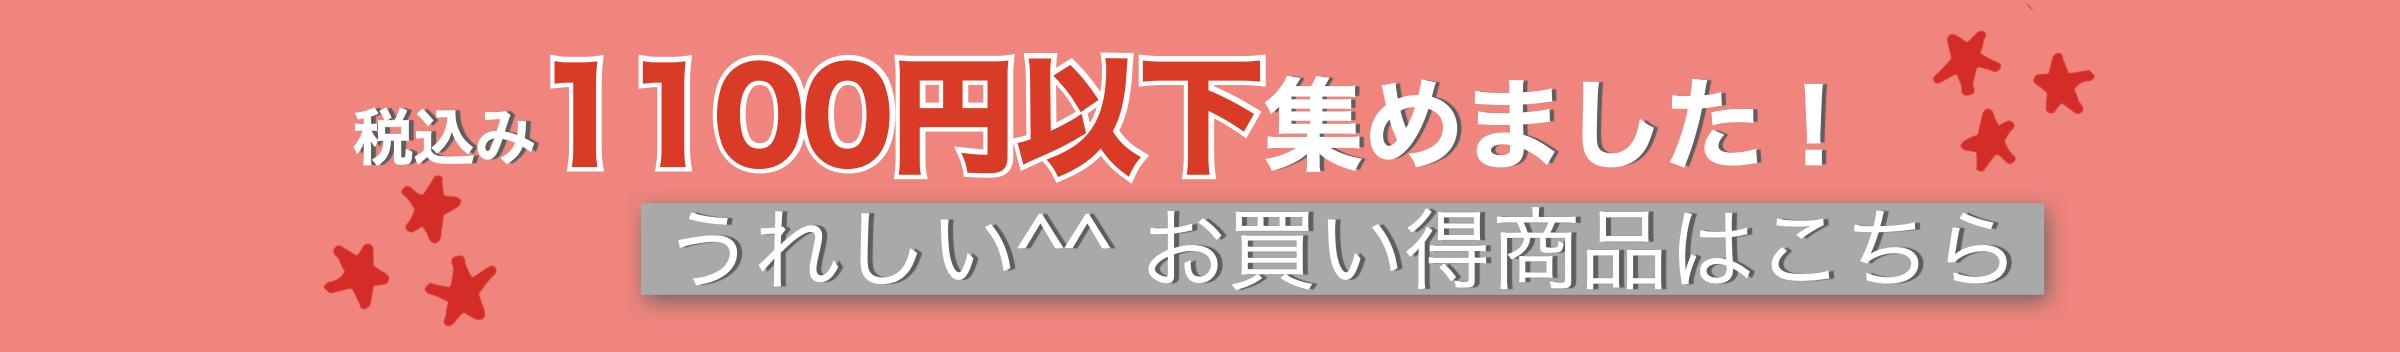 """""""1100円以下商品を集めました"""""""